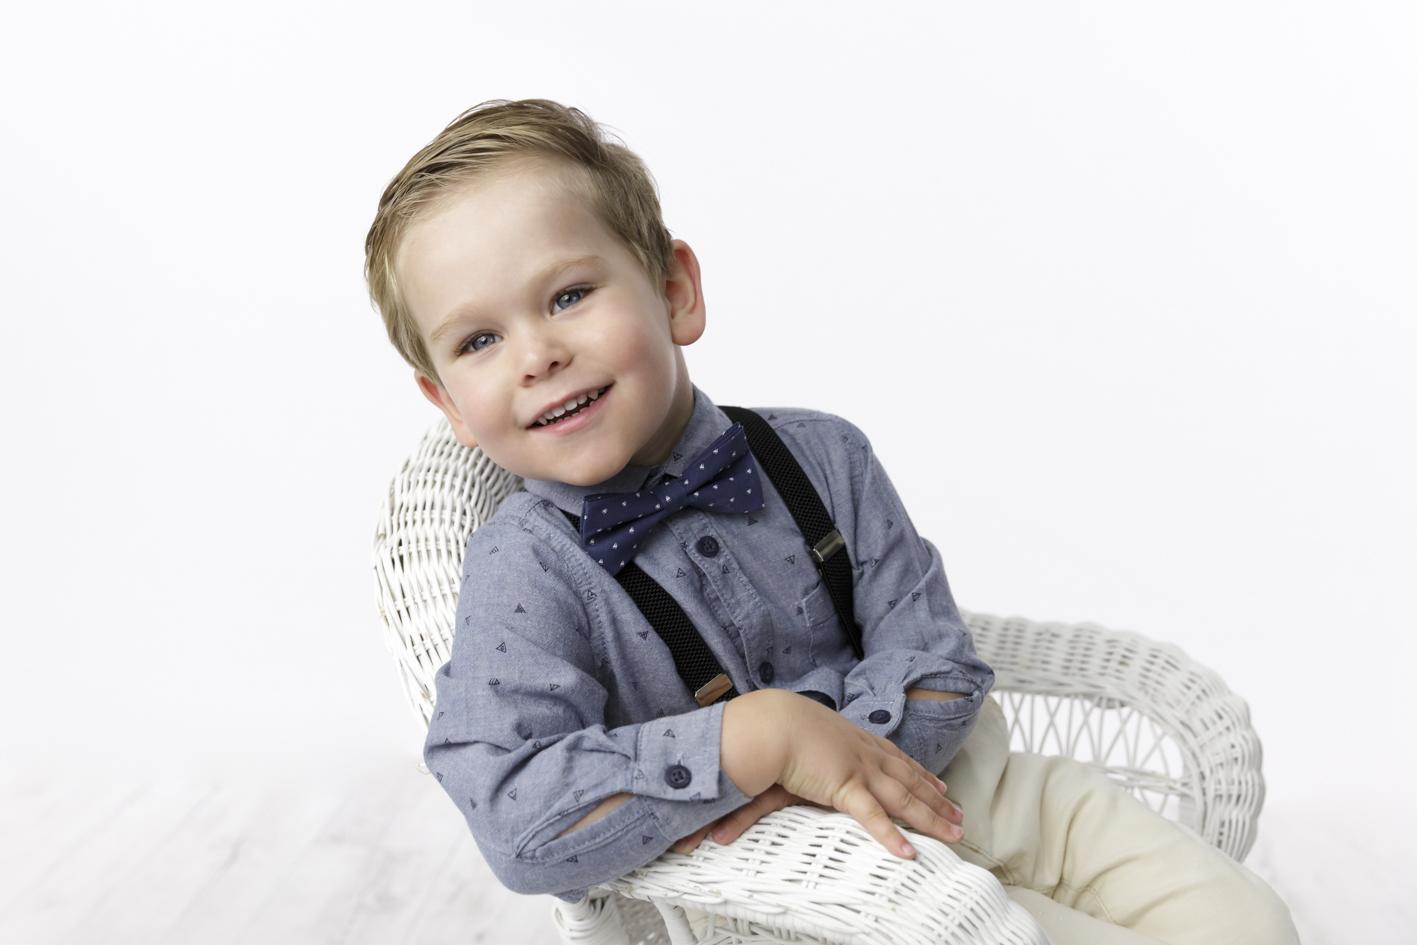 3 year old boy portrait